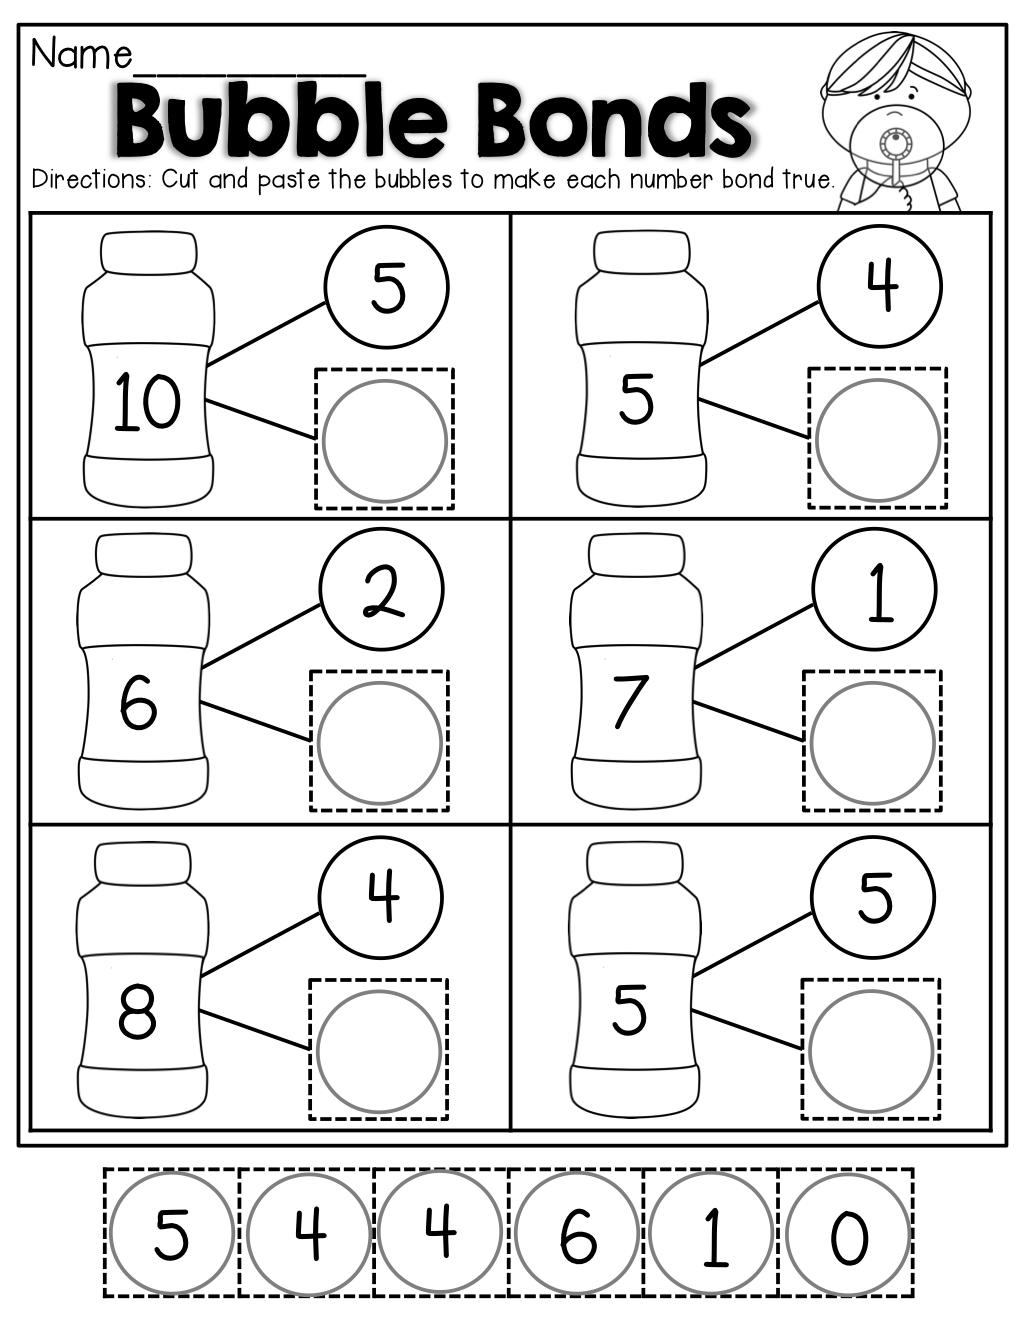 Number Bubble Bonds (Cut And Paste)   Kindergarten Activities - Free Printable Number Bonds Worksheets For Kindergarten